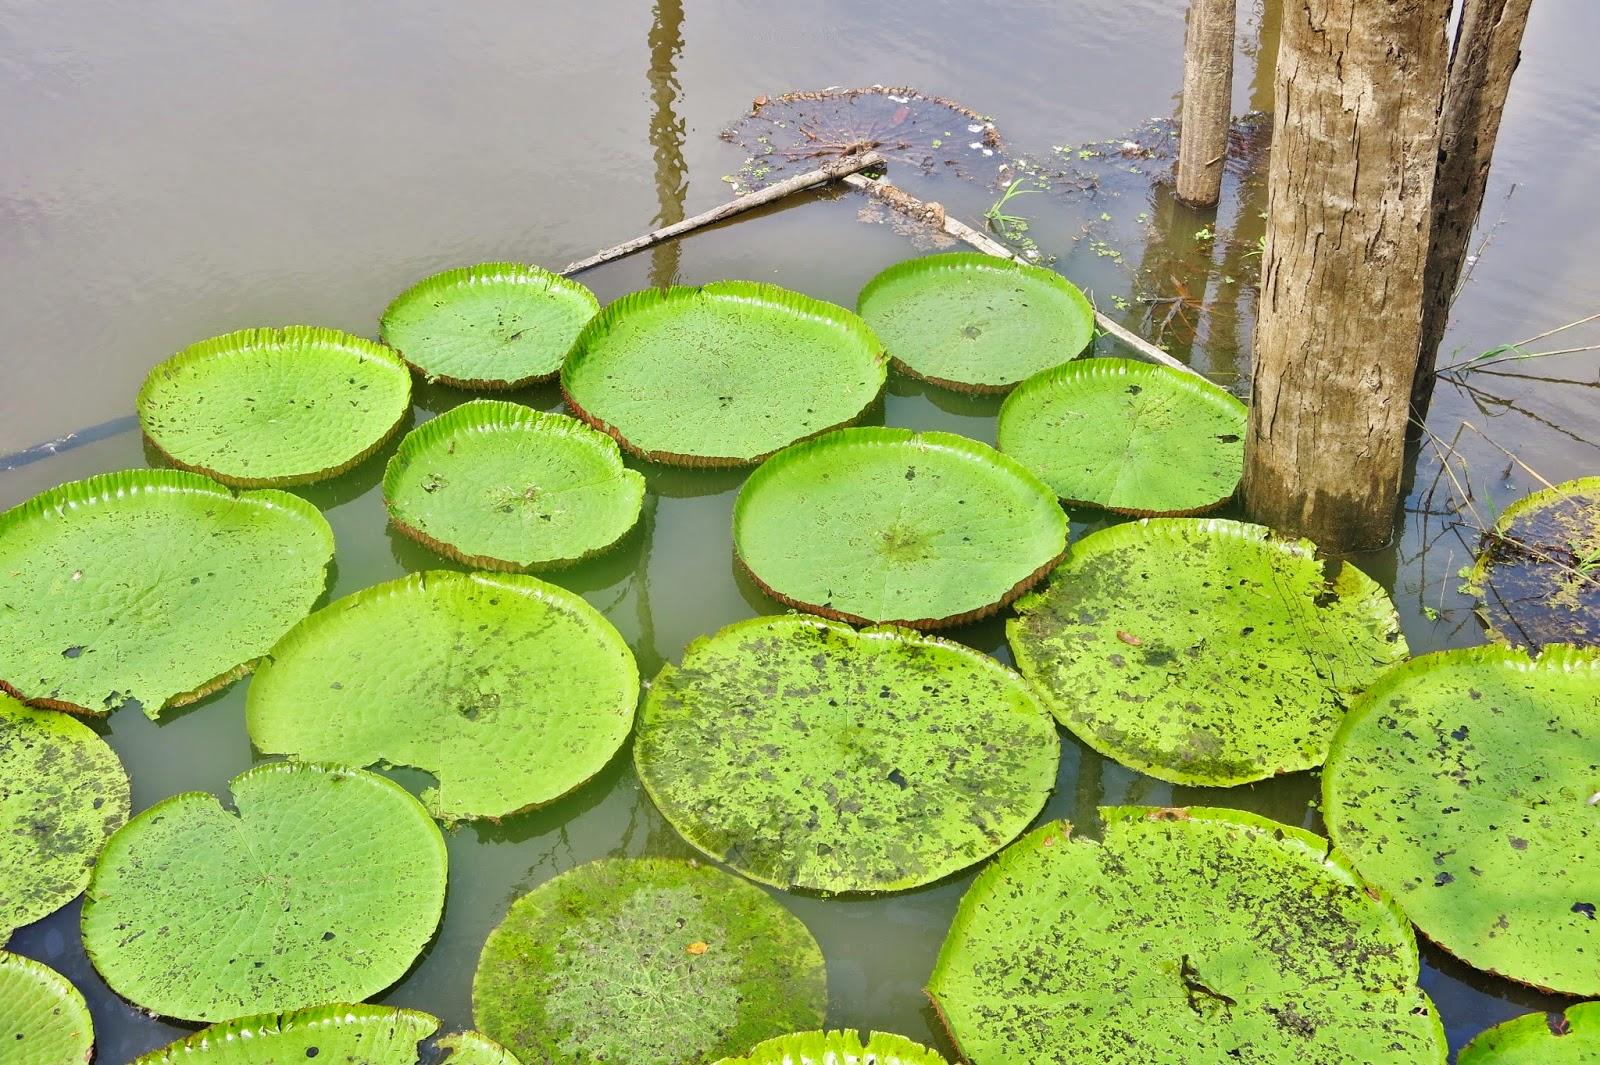 Vitória-régia, na floresta amazônica, nas proximidades de Manaus.